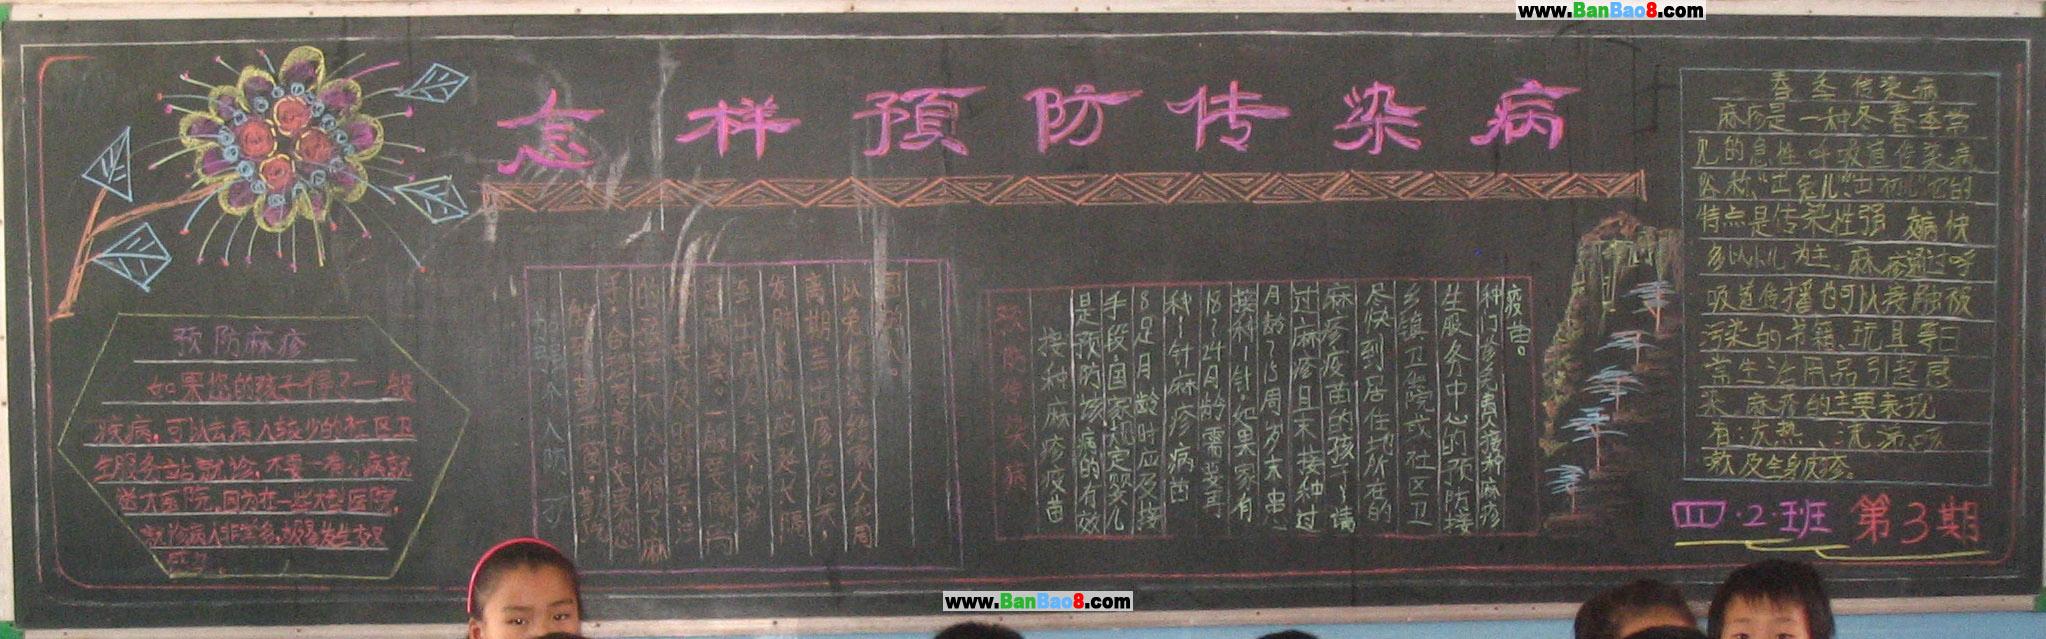 传染病预防黑板报图片